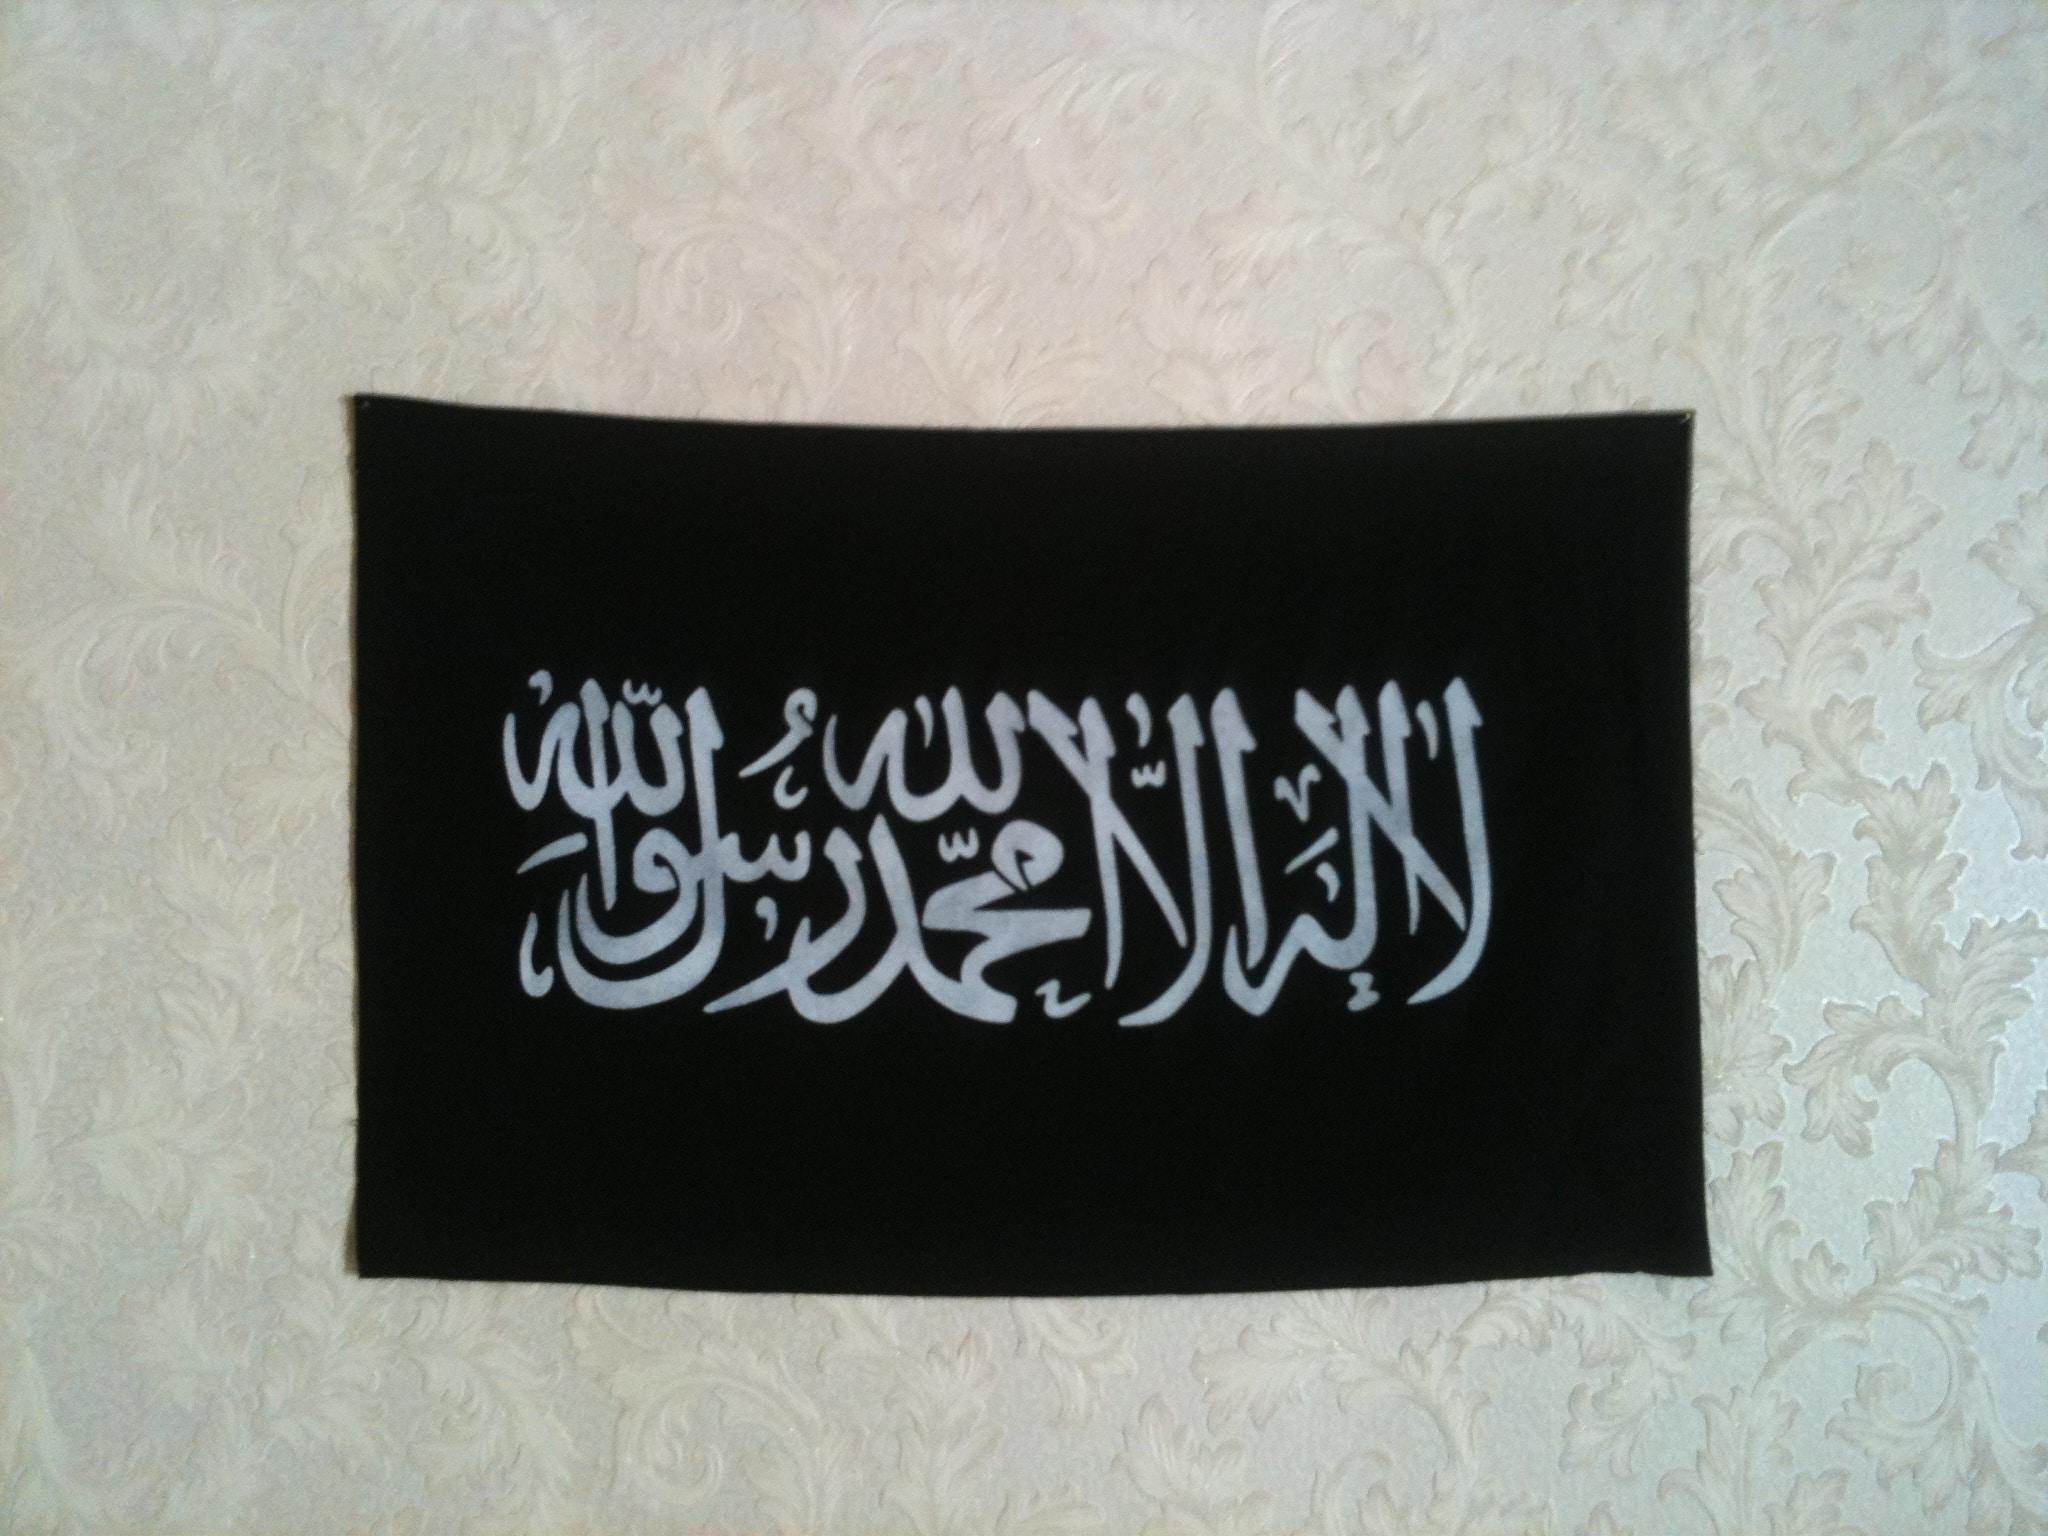 Maroc  deux ans de prison pour avoir hissé un drapeau musulman sur sa maison